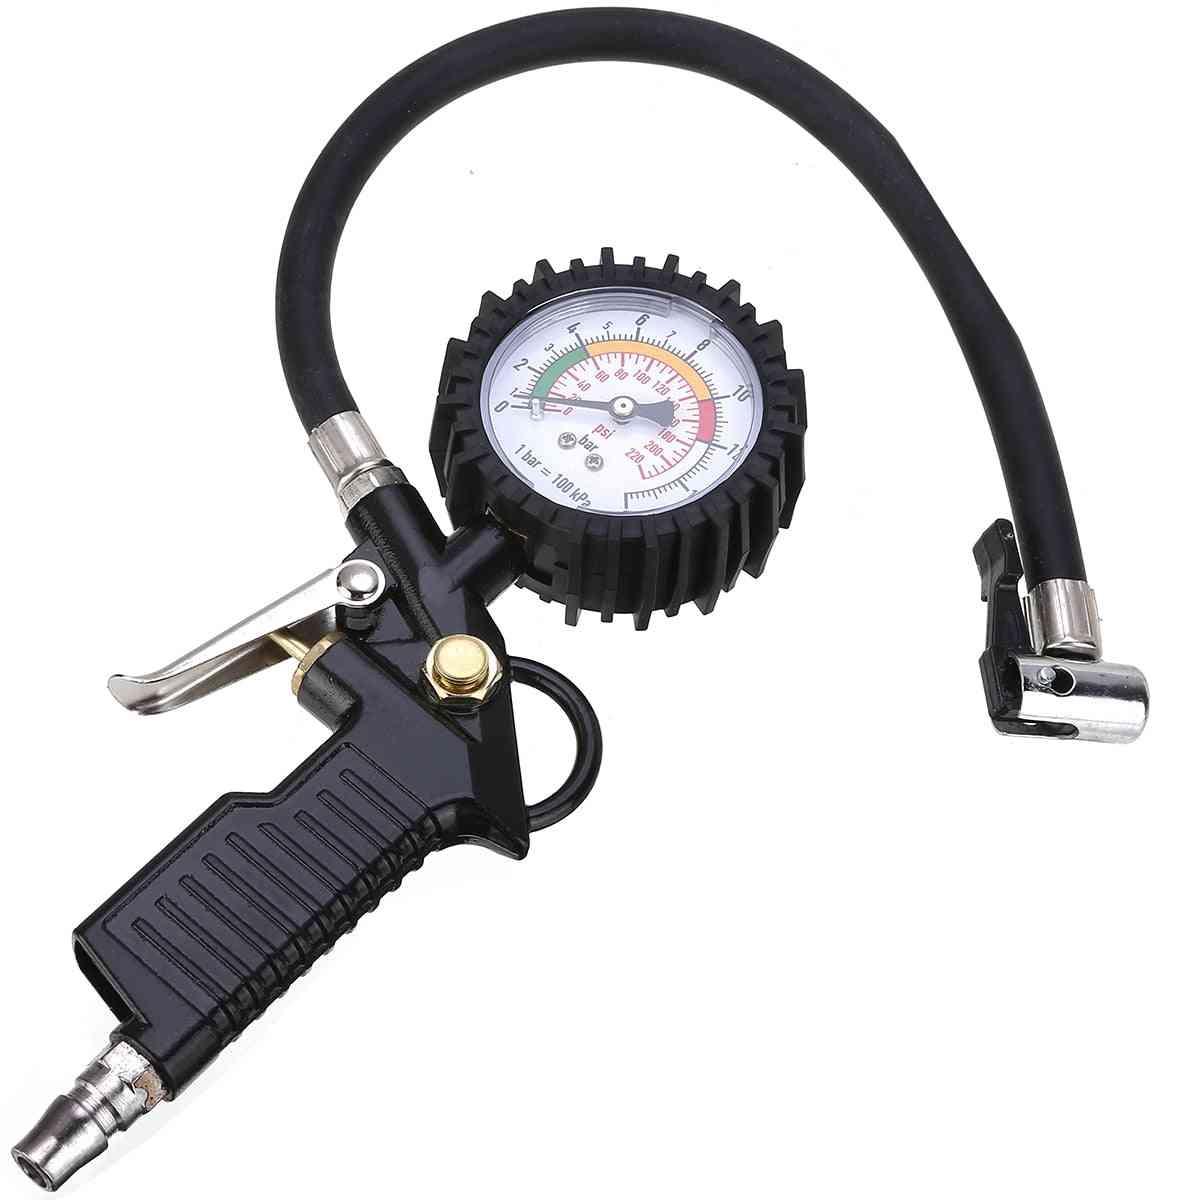 Air Pressure Gauge Tire Inflator